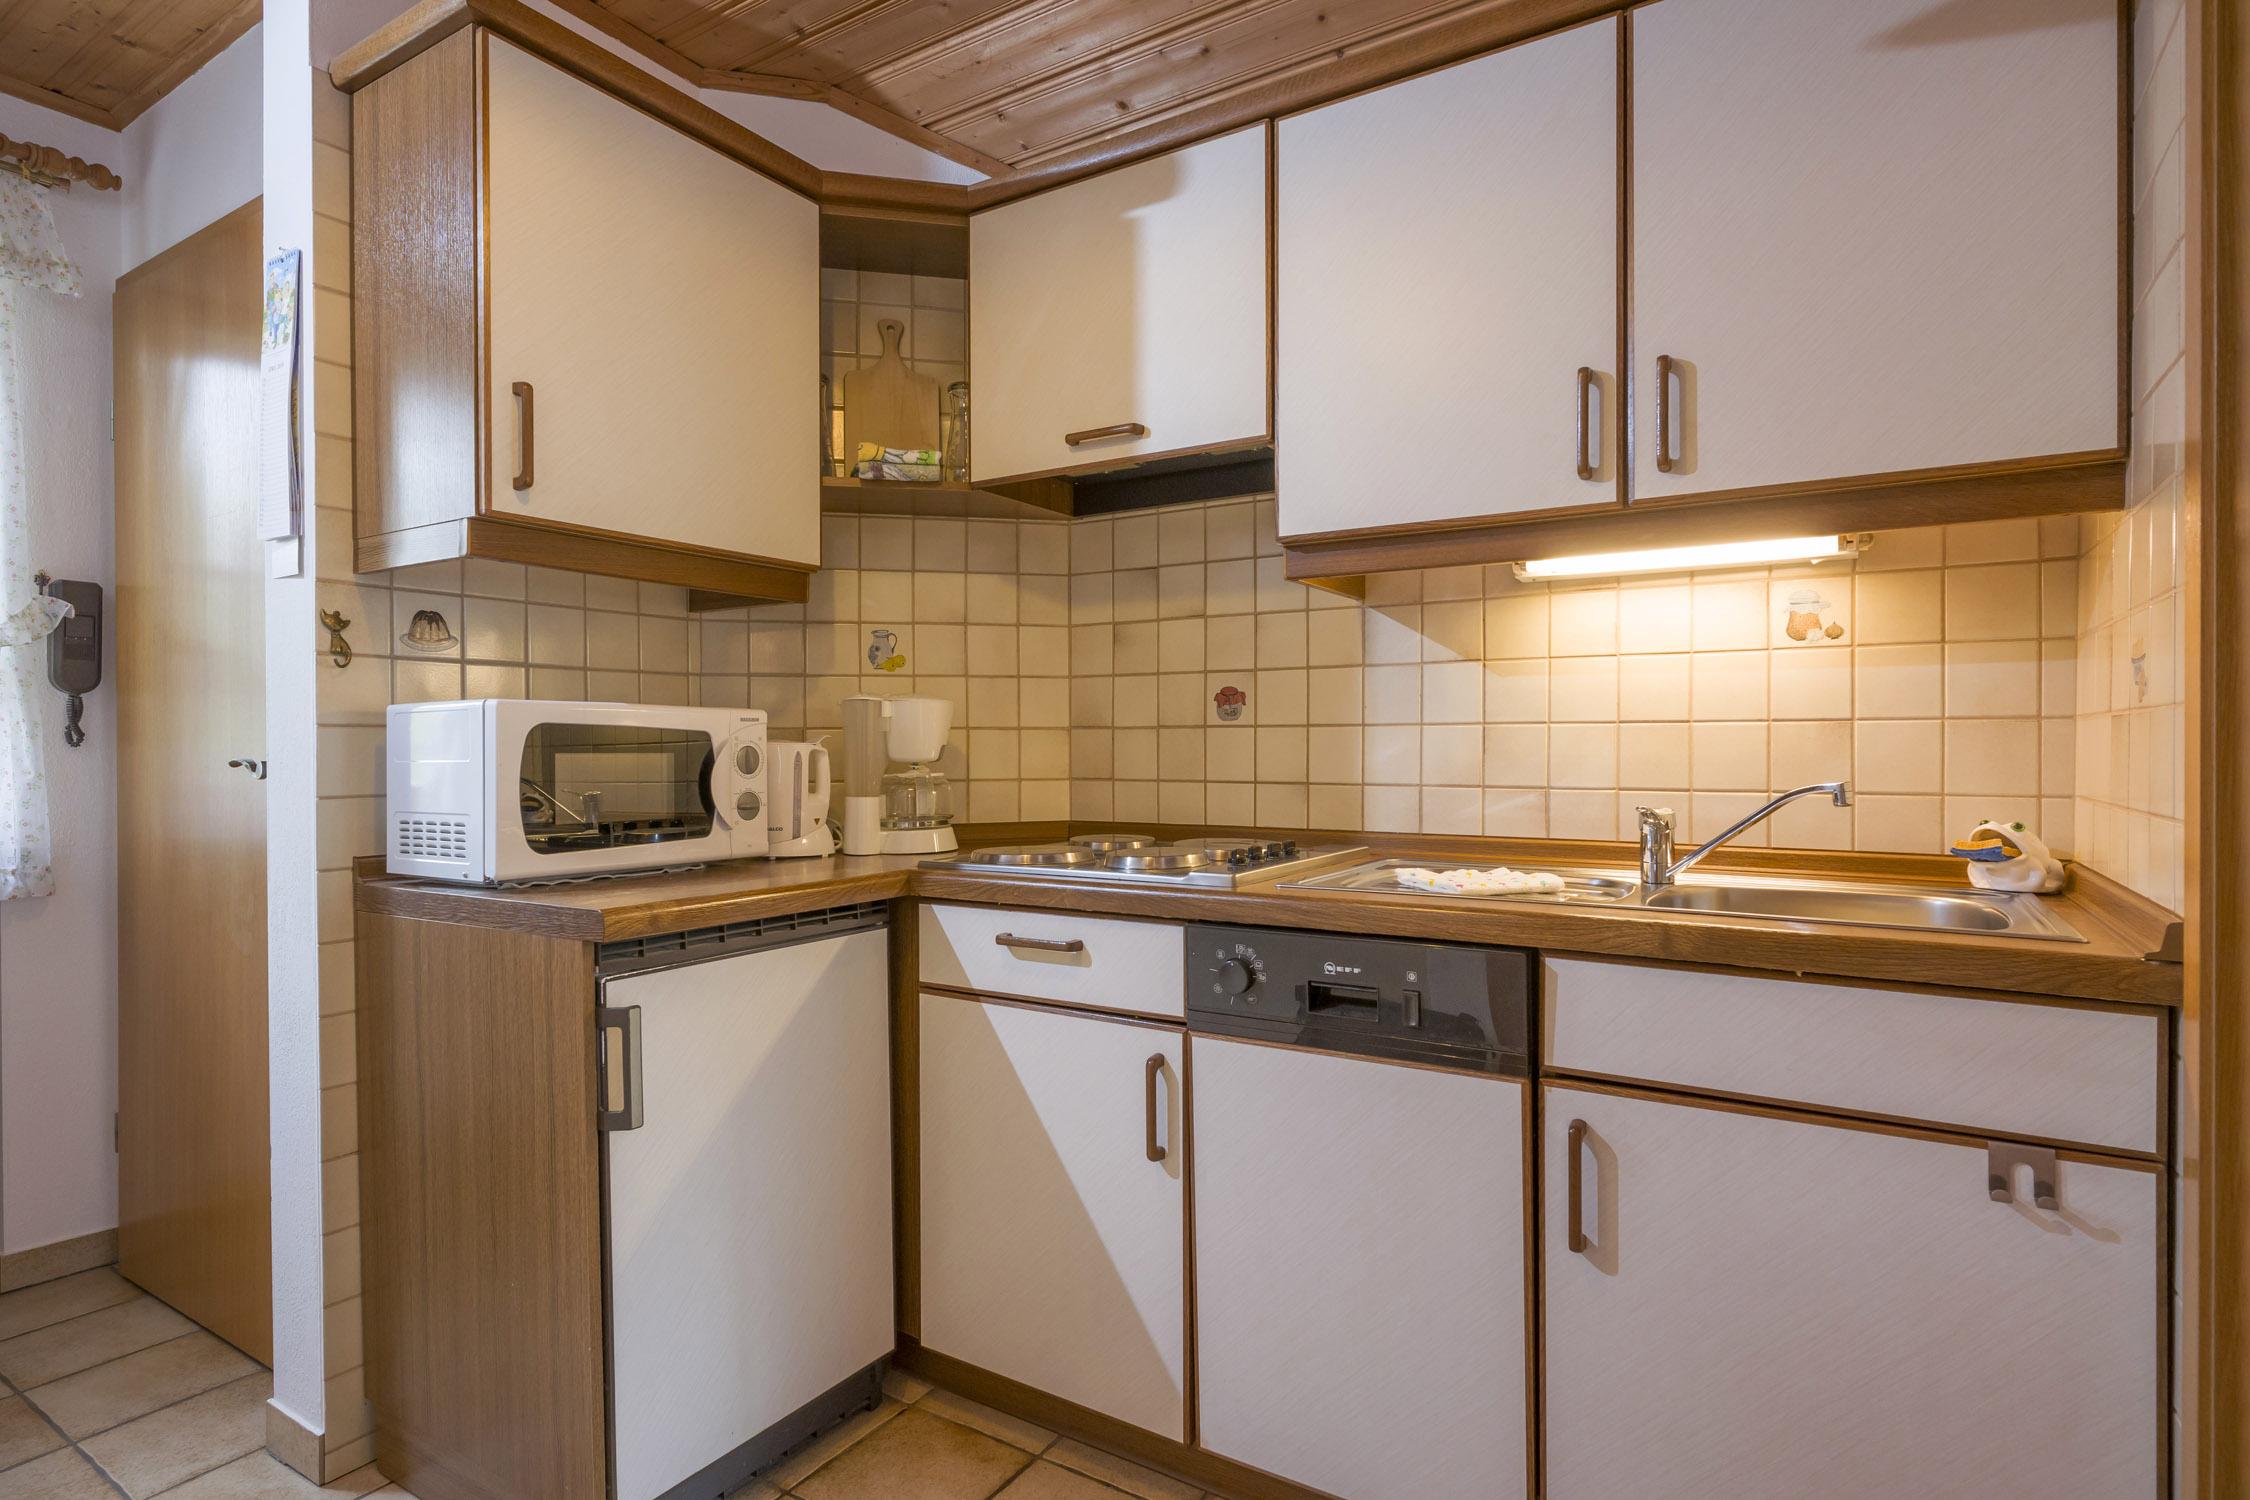 Ferienhaus Haus Enzian (DE Oberaudorf). 2-Zimmer Ferienhaus 48qm (709913), Oberaudorf, Chiemgau, Bayern, Deutschland, Bild 12